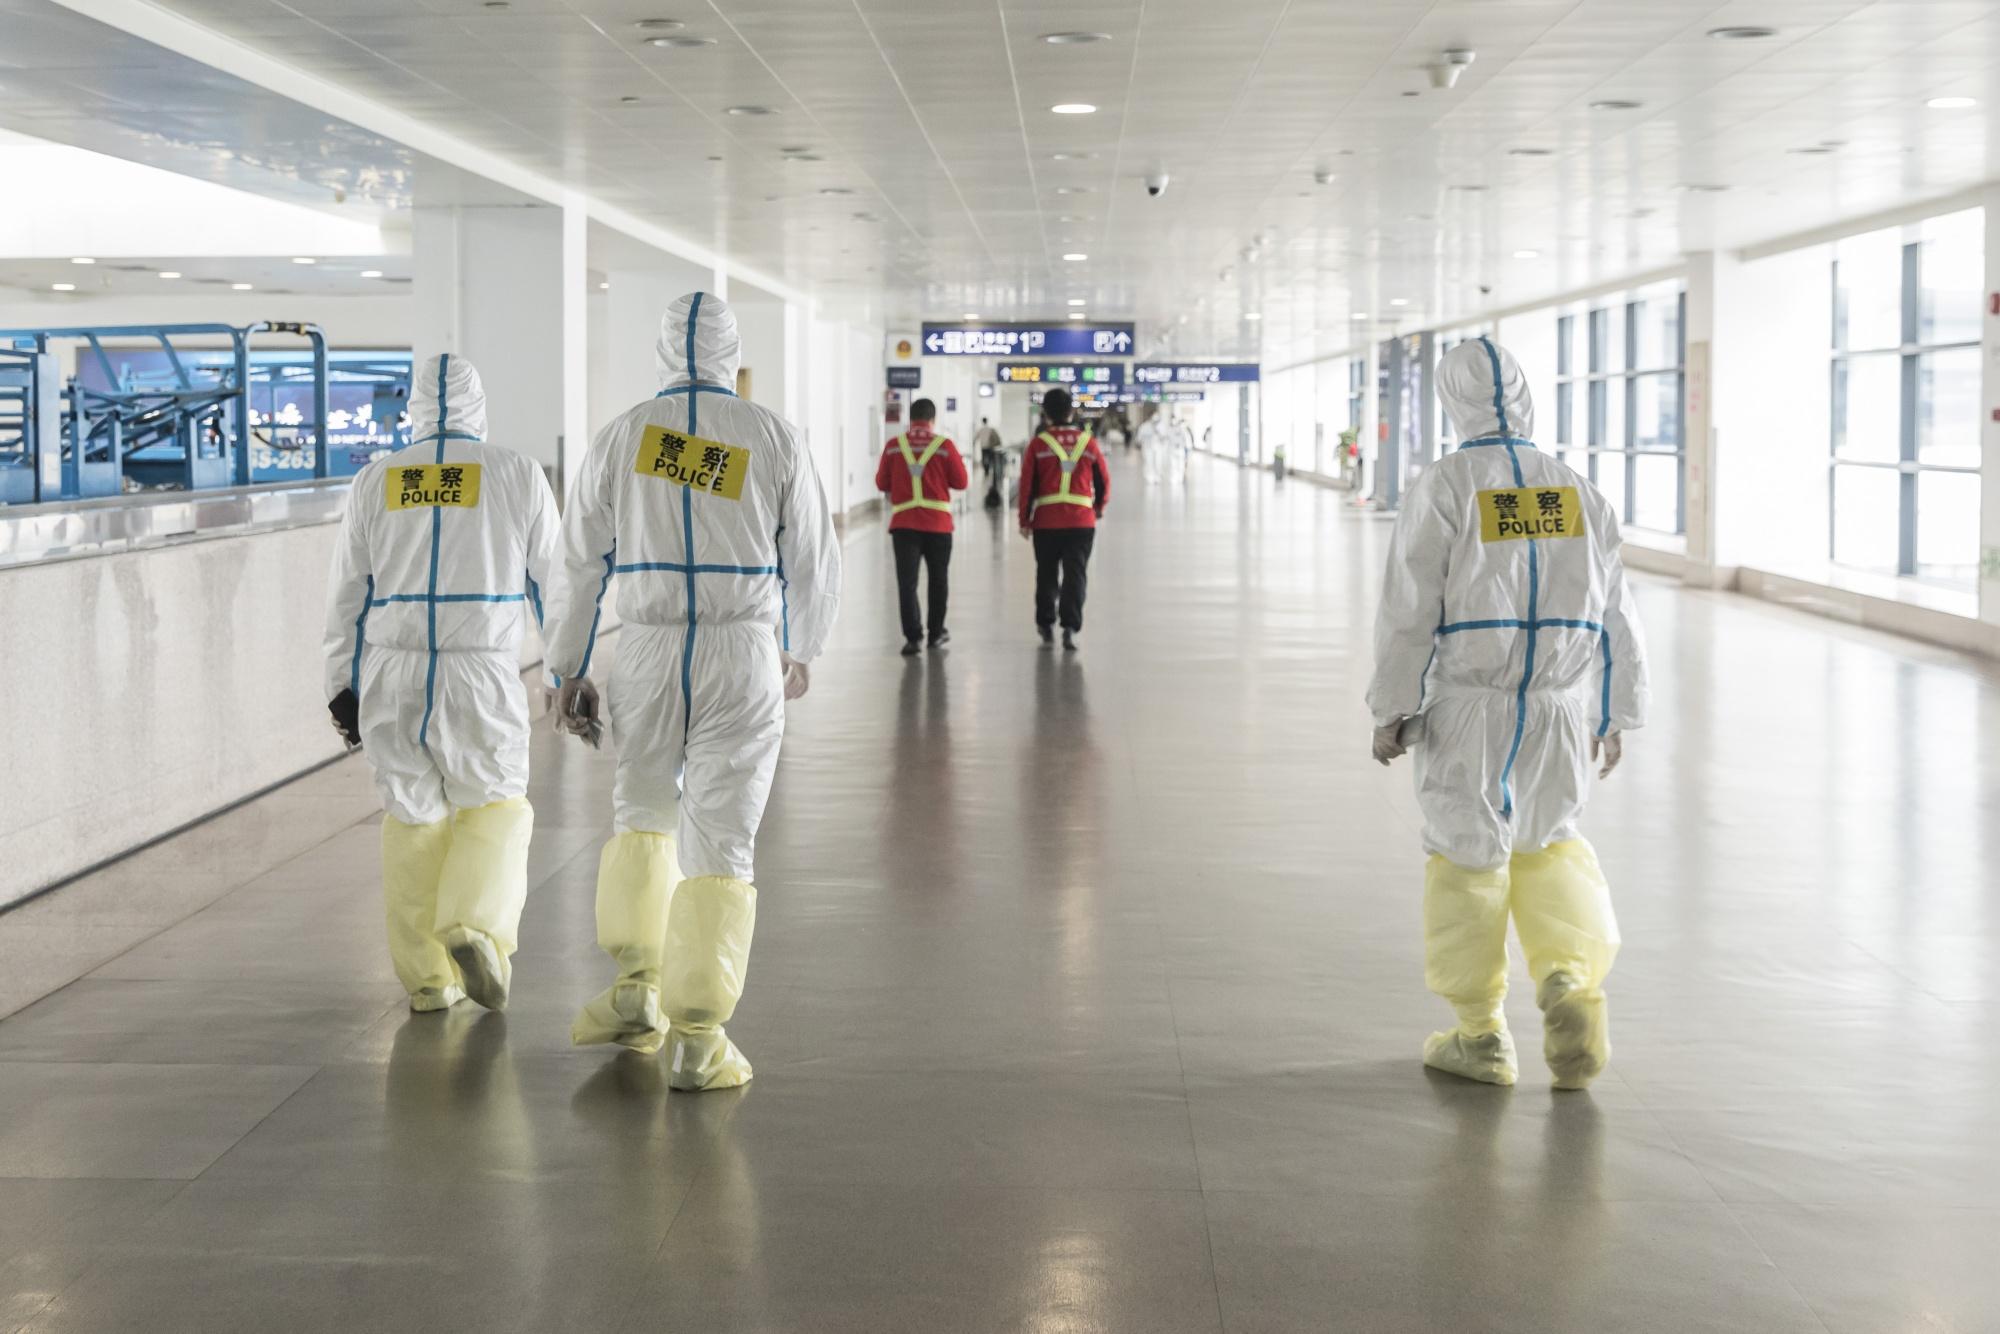 La Chine a volontairement dissimulé l'étendue de l'épidémie du COVID, selon les renseignements américains